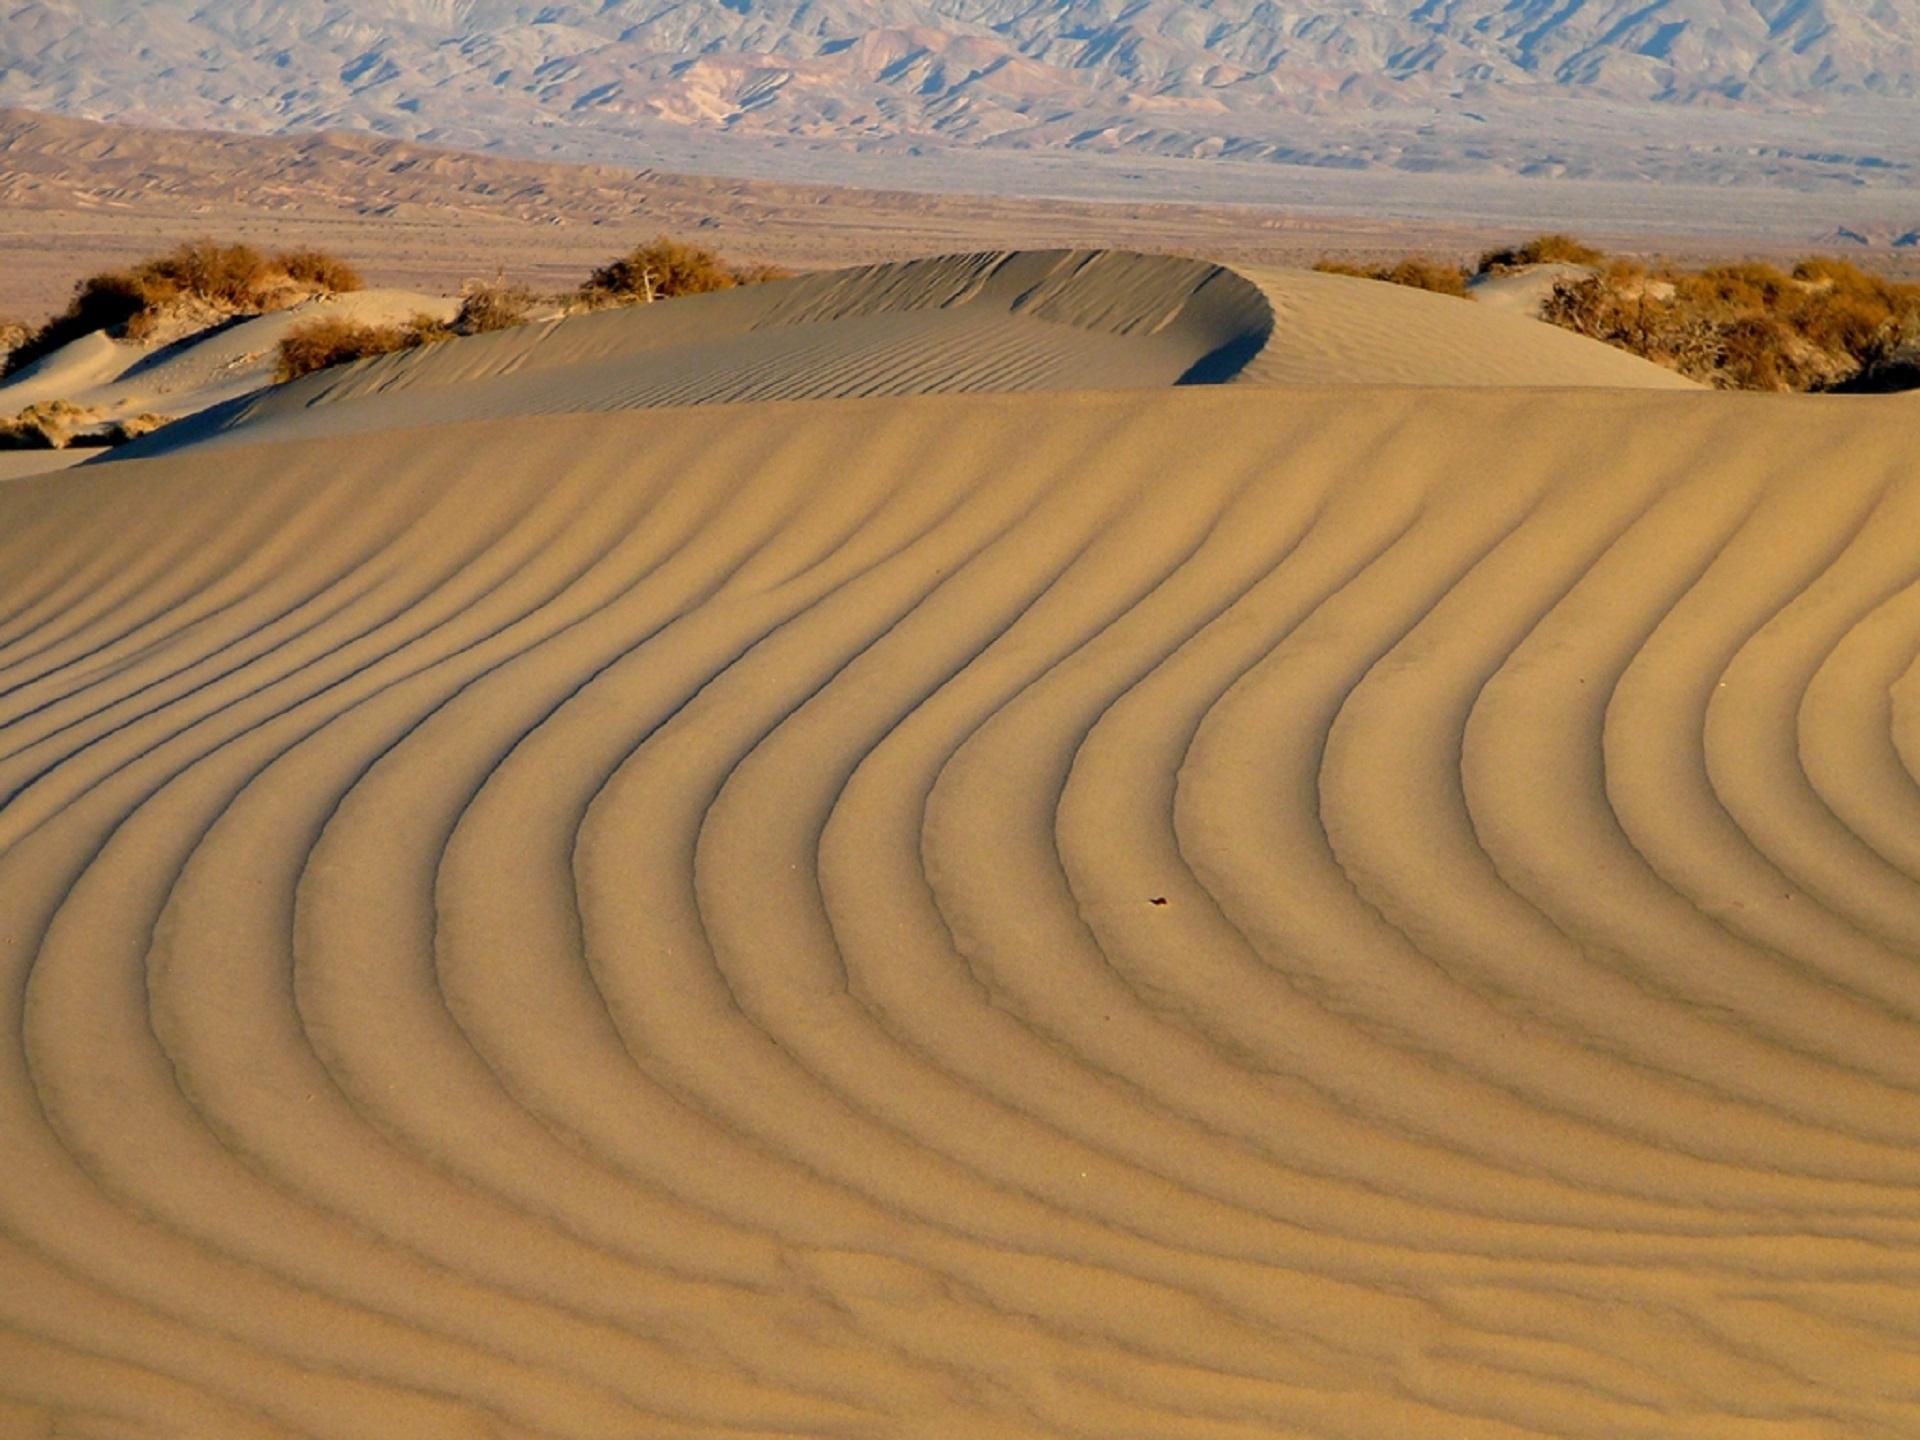 присланной песчаные гряды картинка недвижимость омске